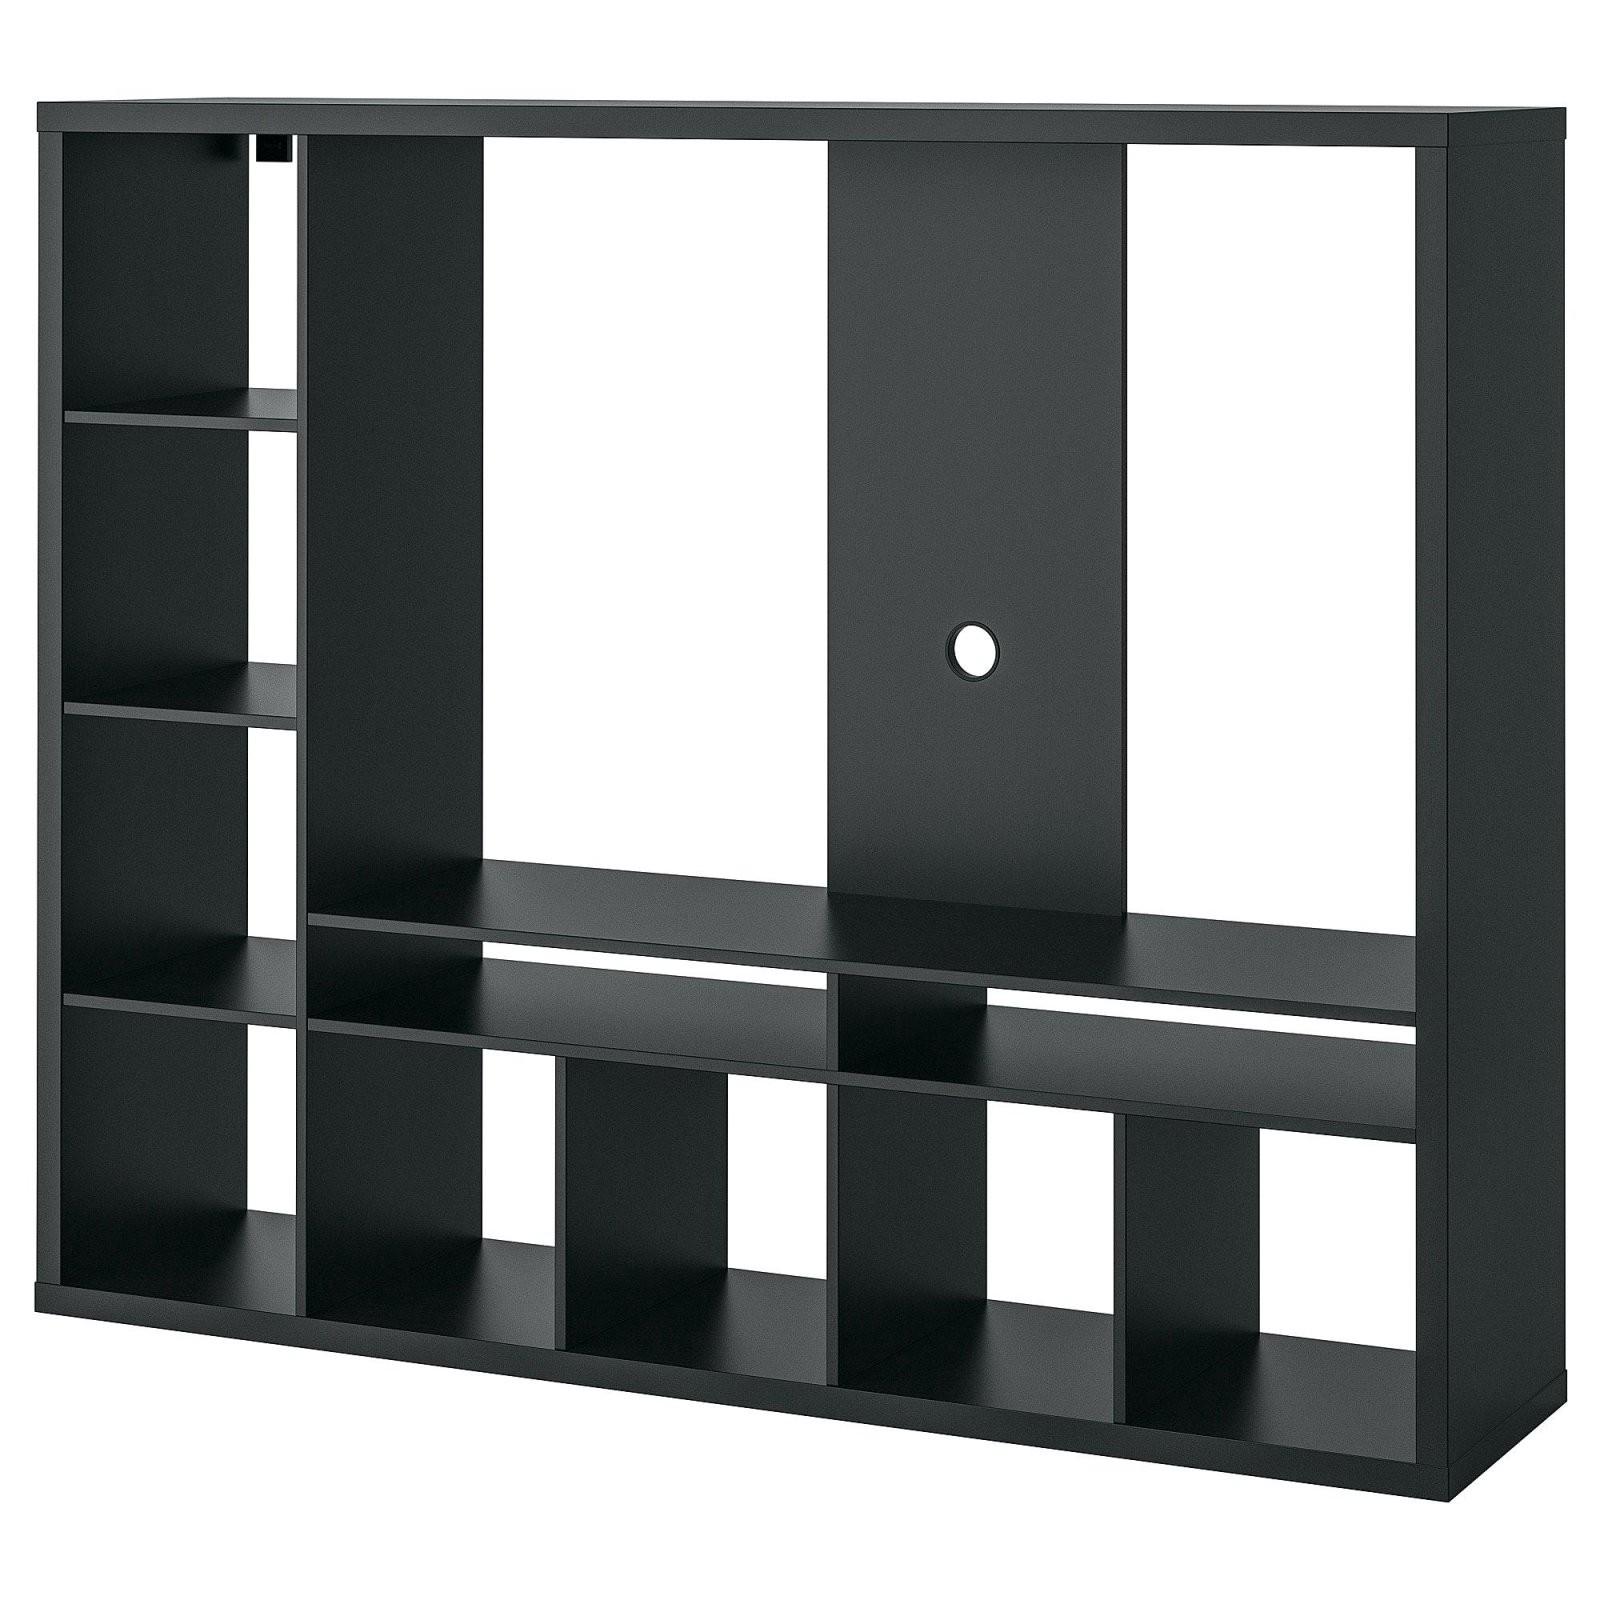 Expedit Wohnwand – Suharekaonline von Ikea Billy Regal Anleitung Bild